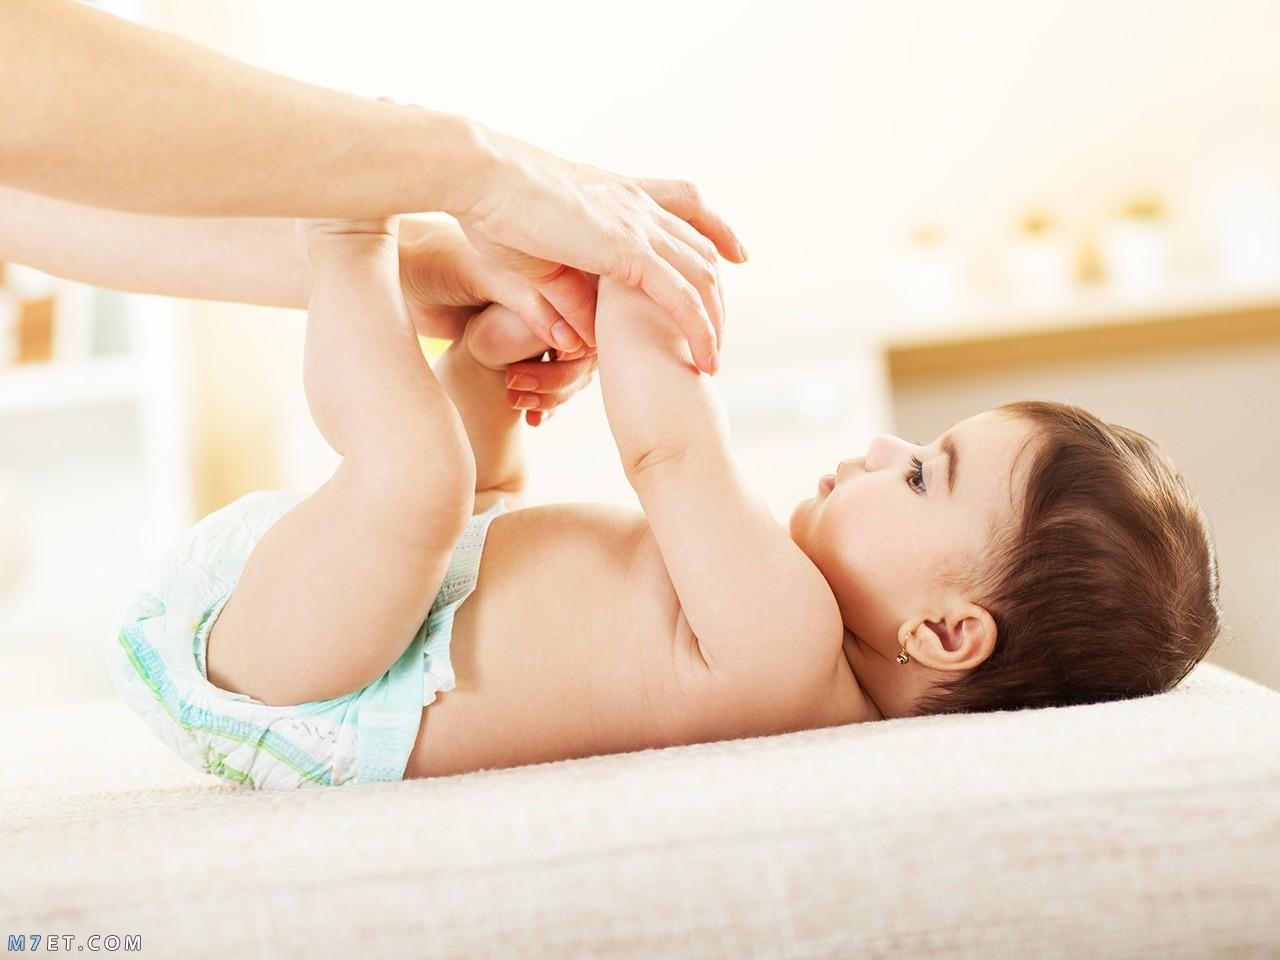 اسباب الاسهال عند الرضع